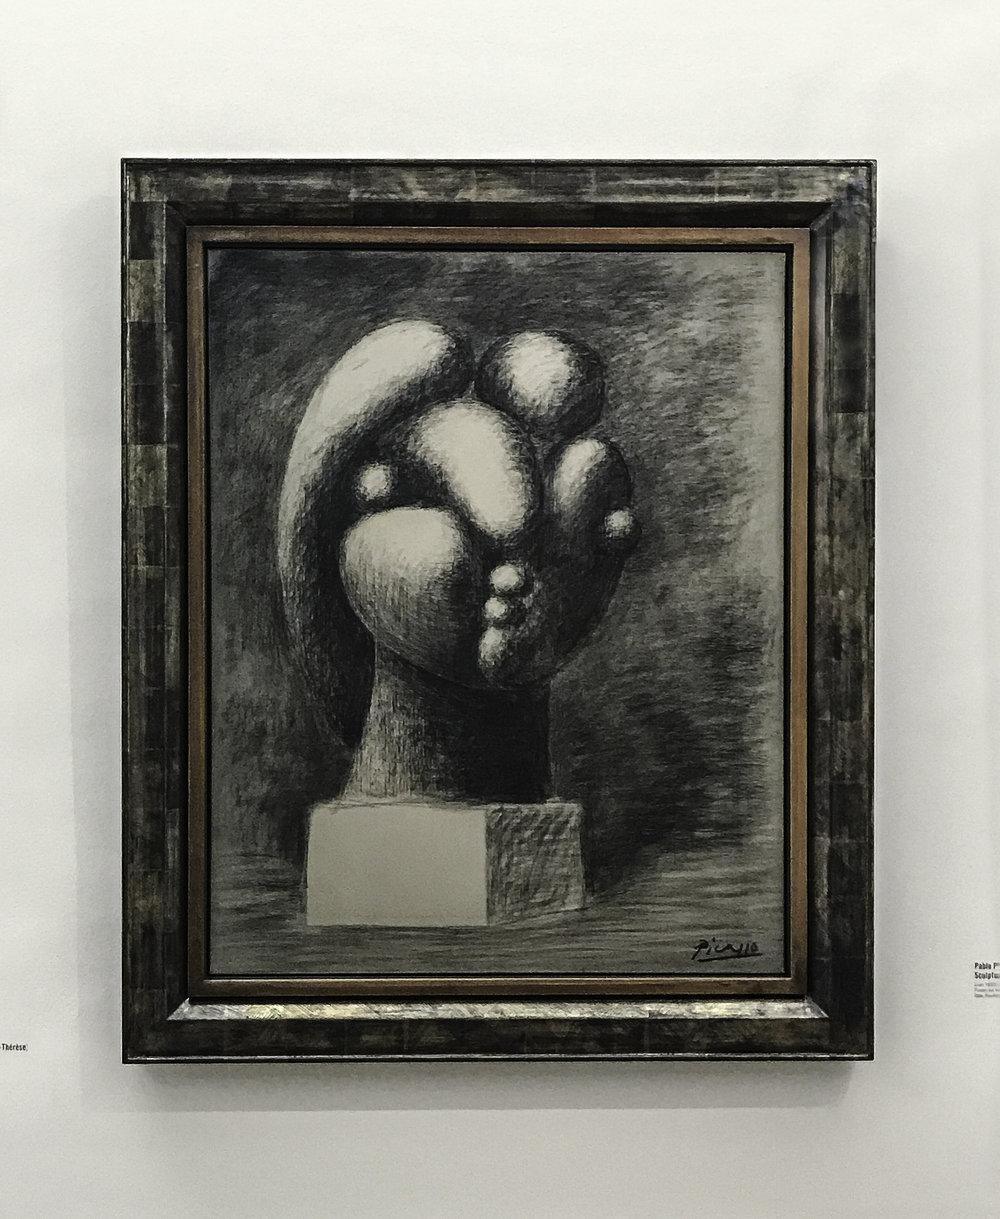 """Pablo Picasso, """"Sculpture d'une tete: Marie-Thérèse,"""" 1932,charcoal on canvas"""